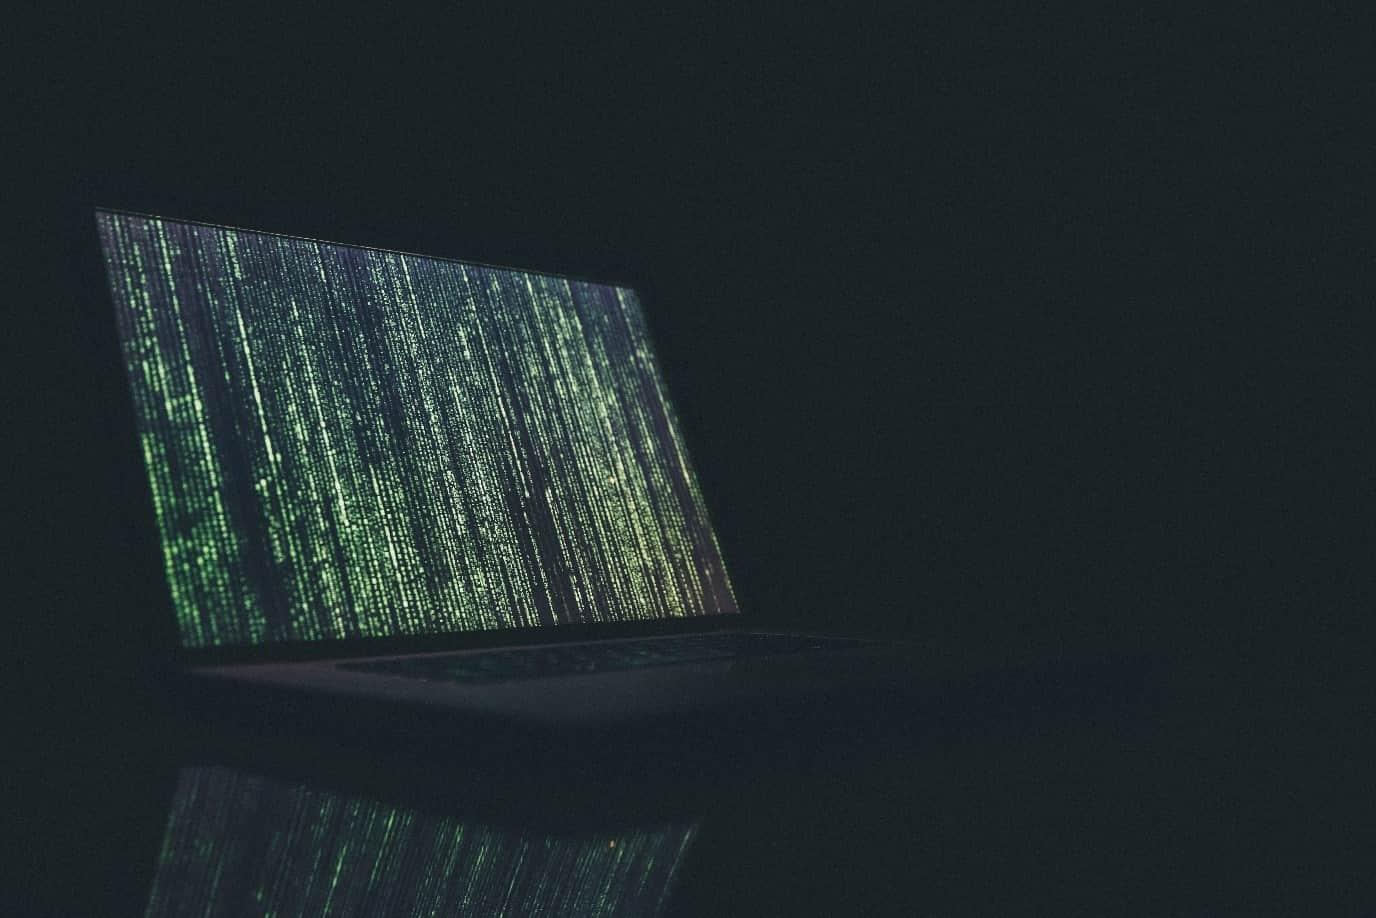 cómo acceder a la web oscura de forma segura